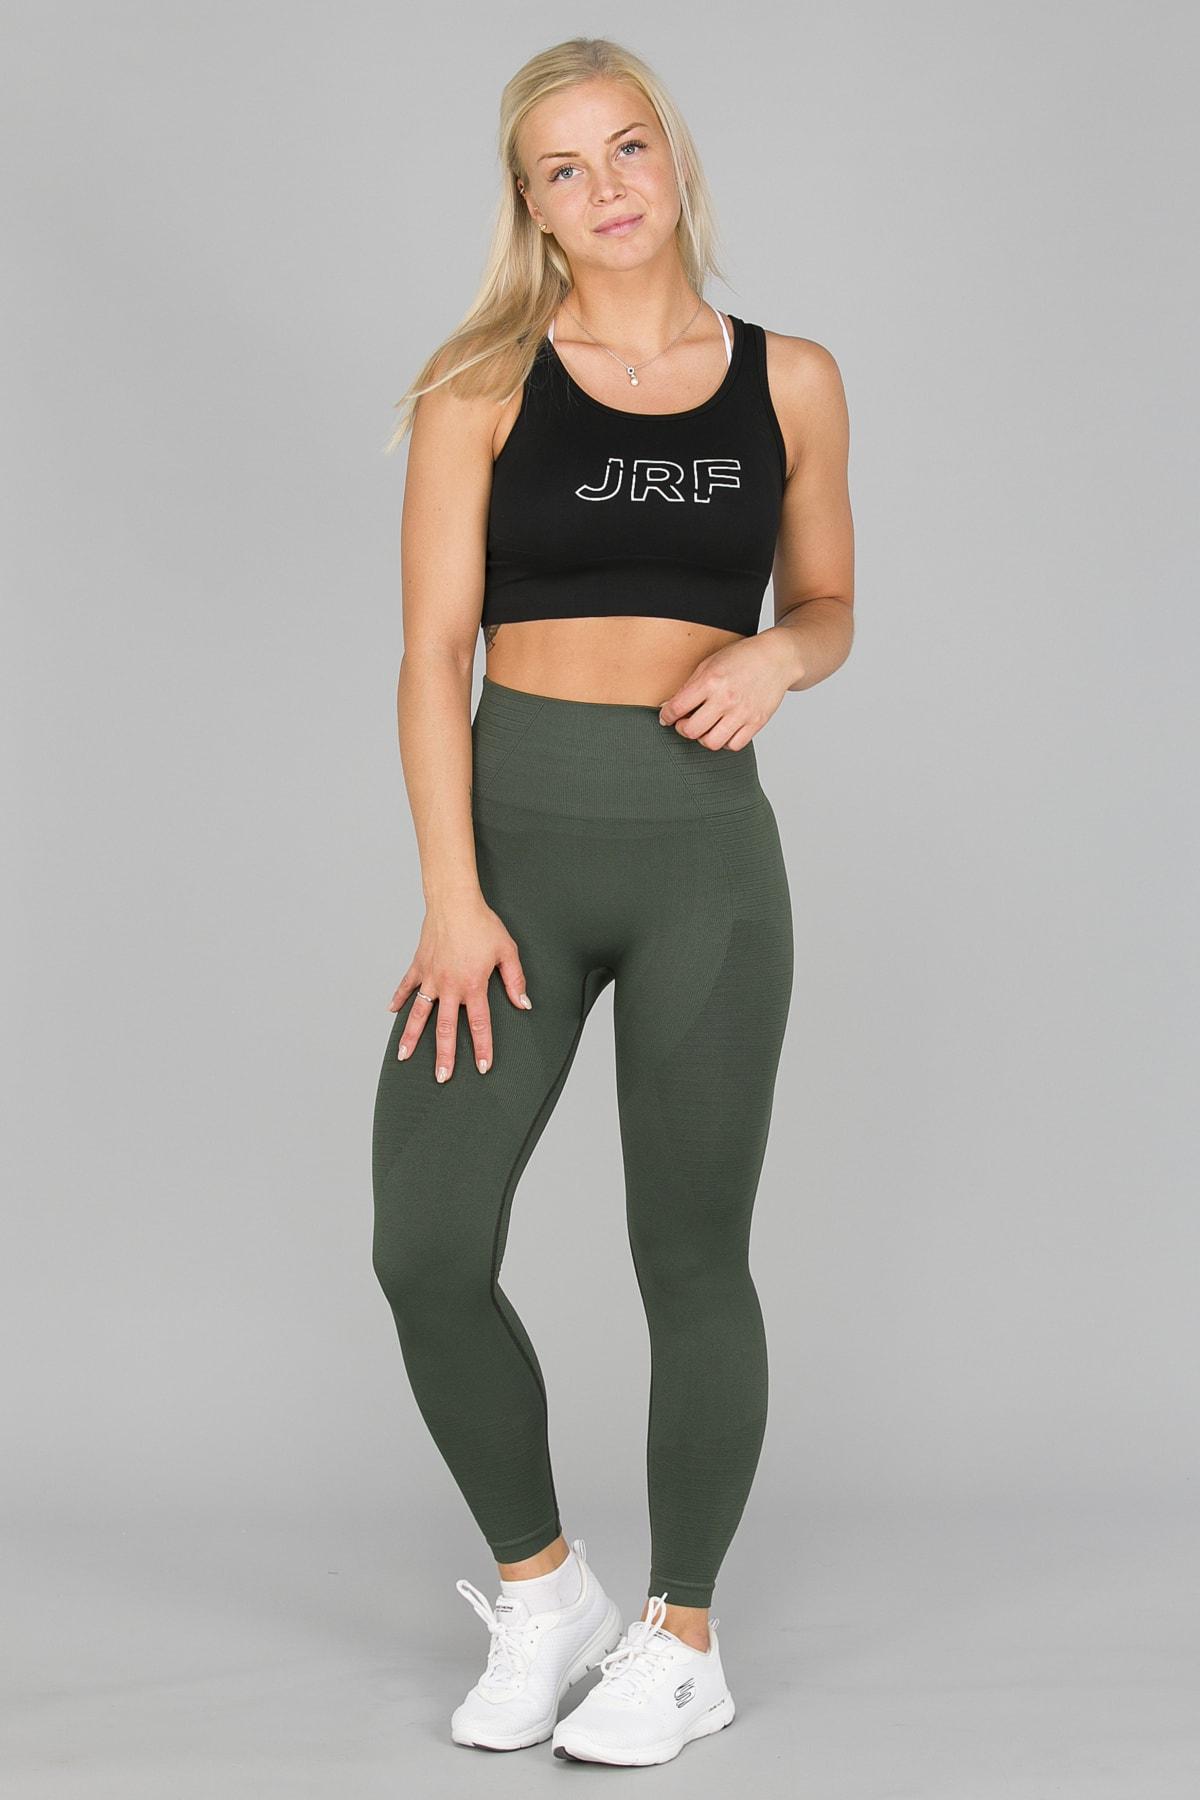 Jerf Gela 2.0 tights dark green8